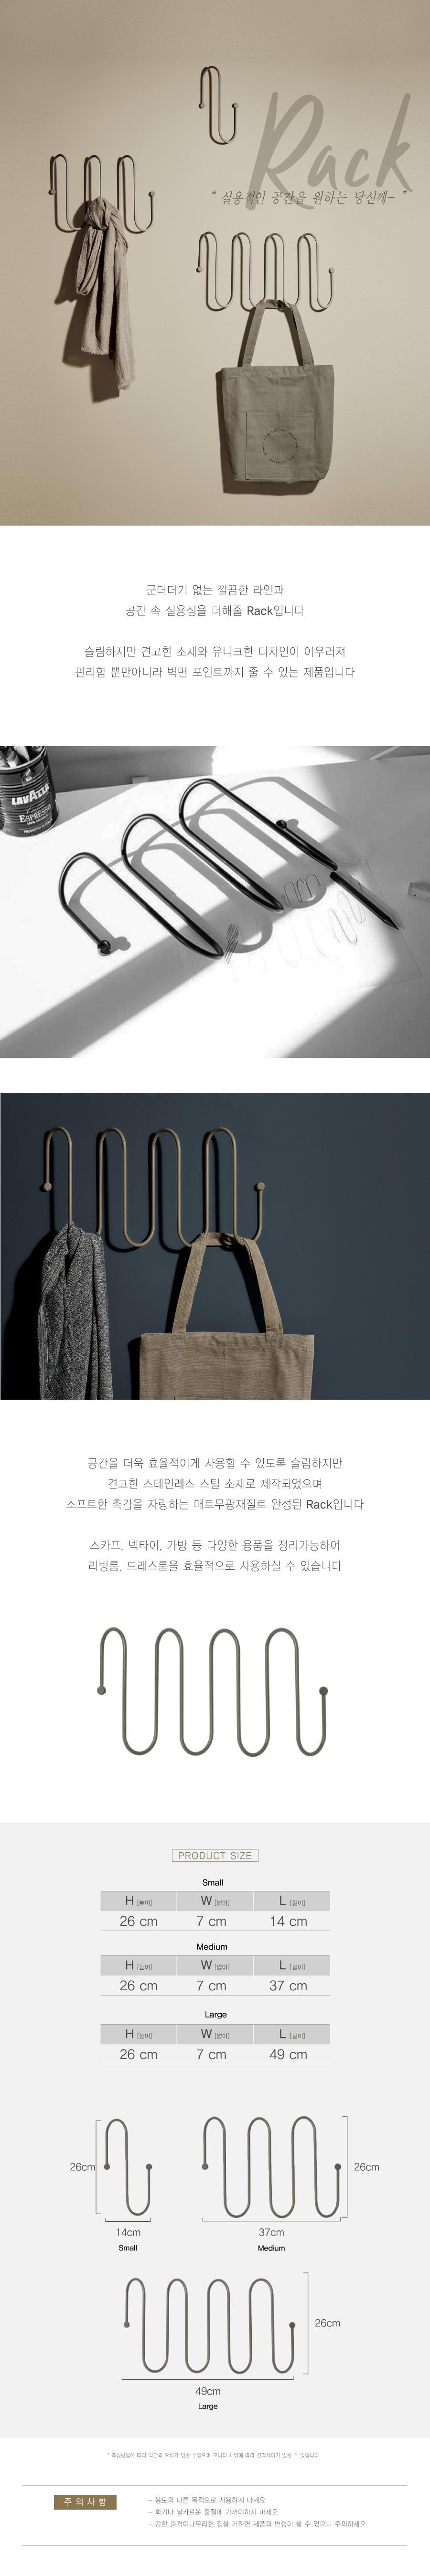 rack.jpg